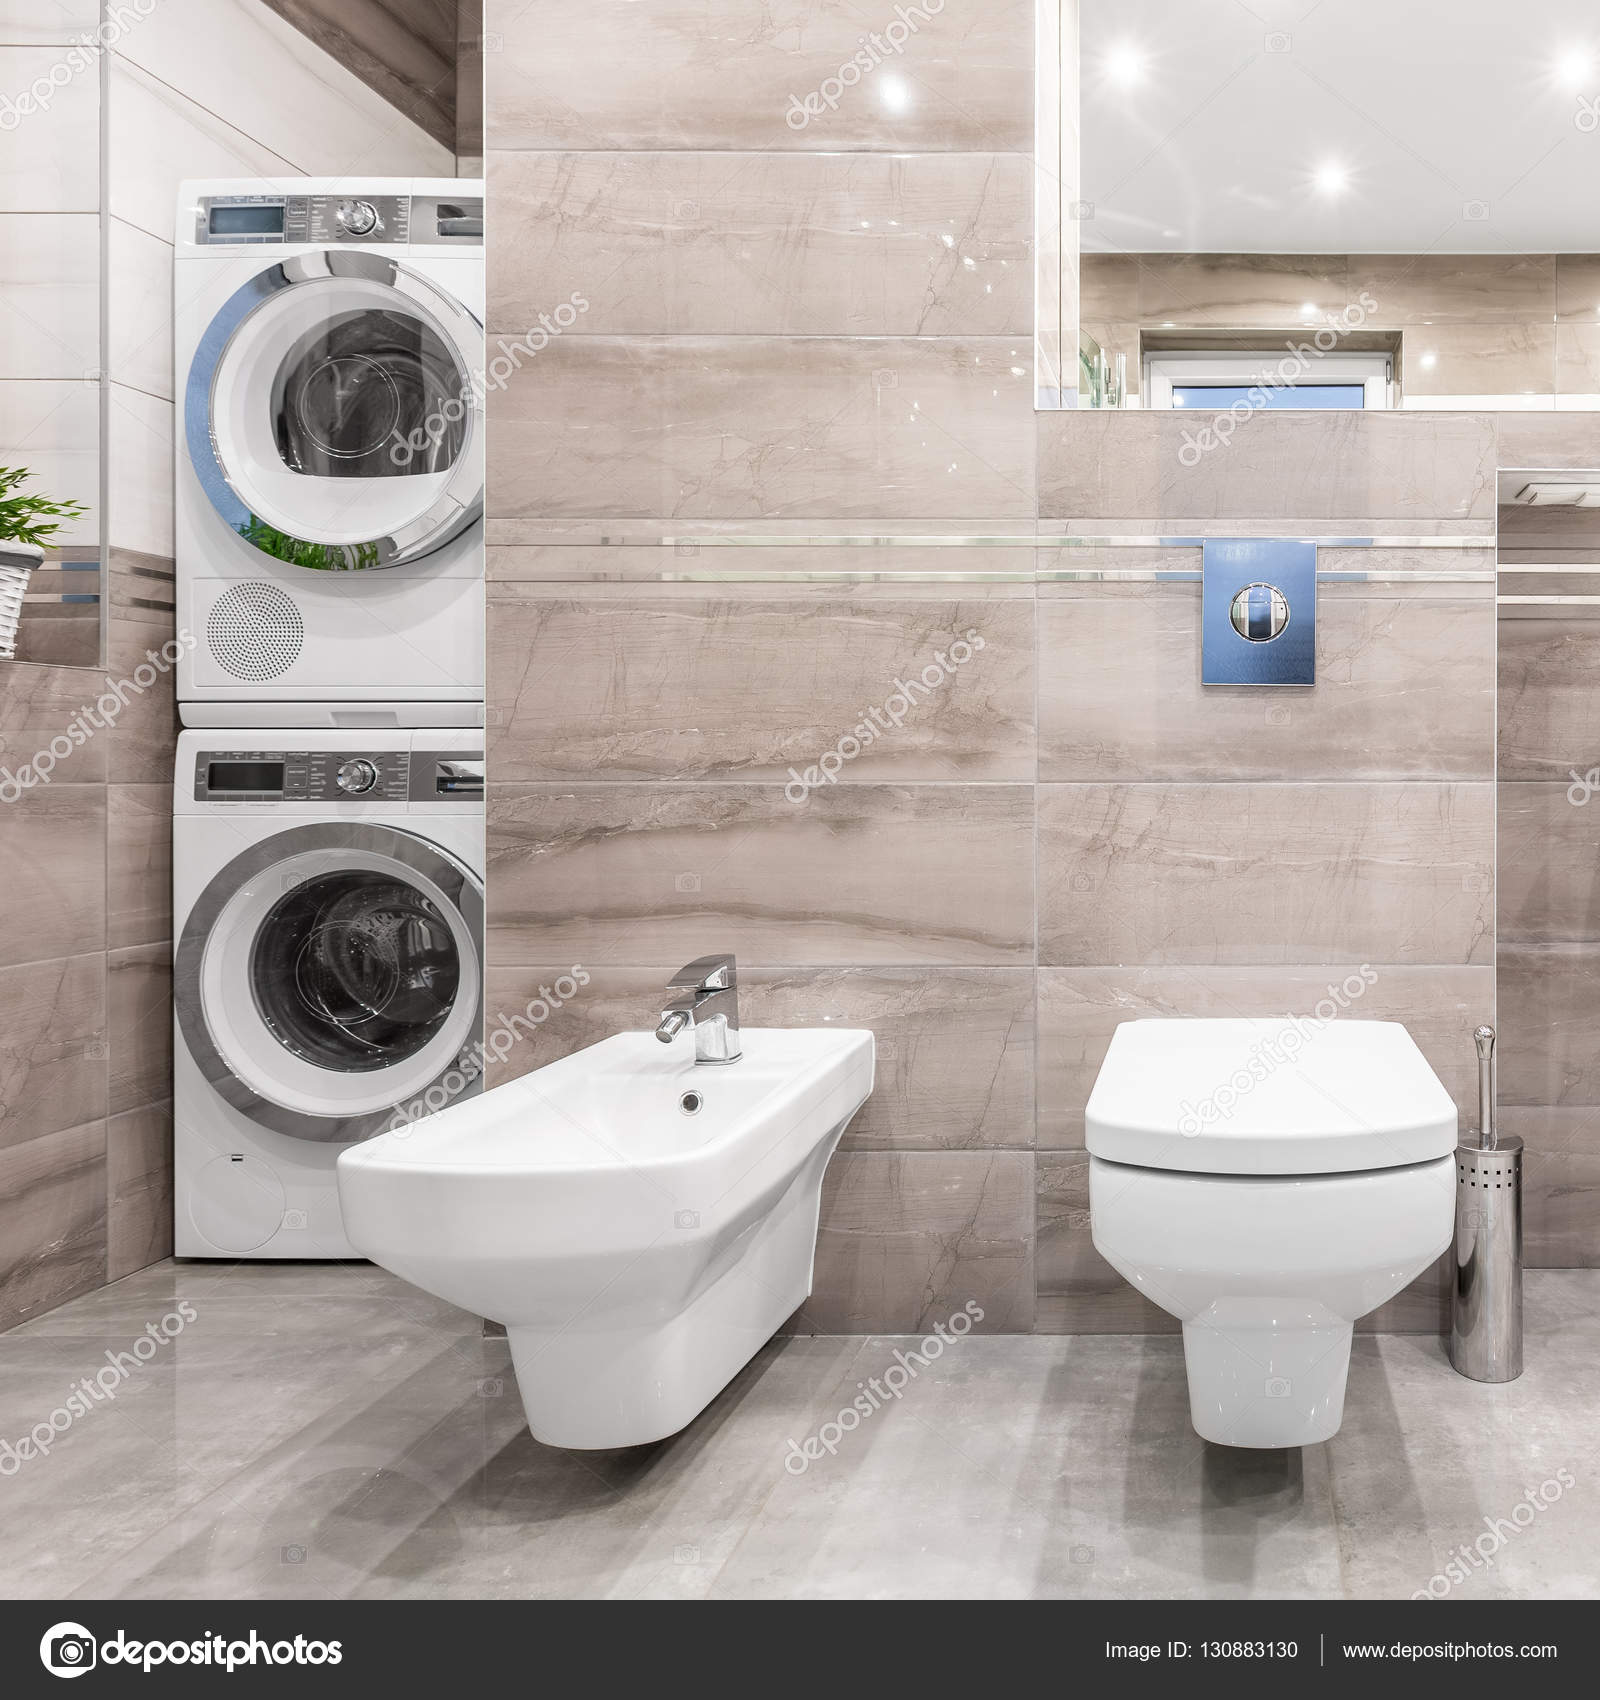 Bagno con angolo lavanderia foto stock in4mal 130883130 - Bagno con lavanderia ...